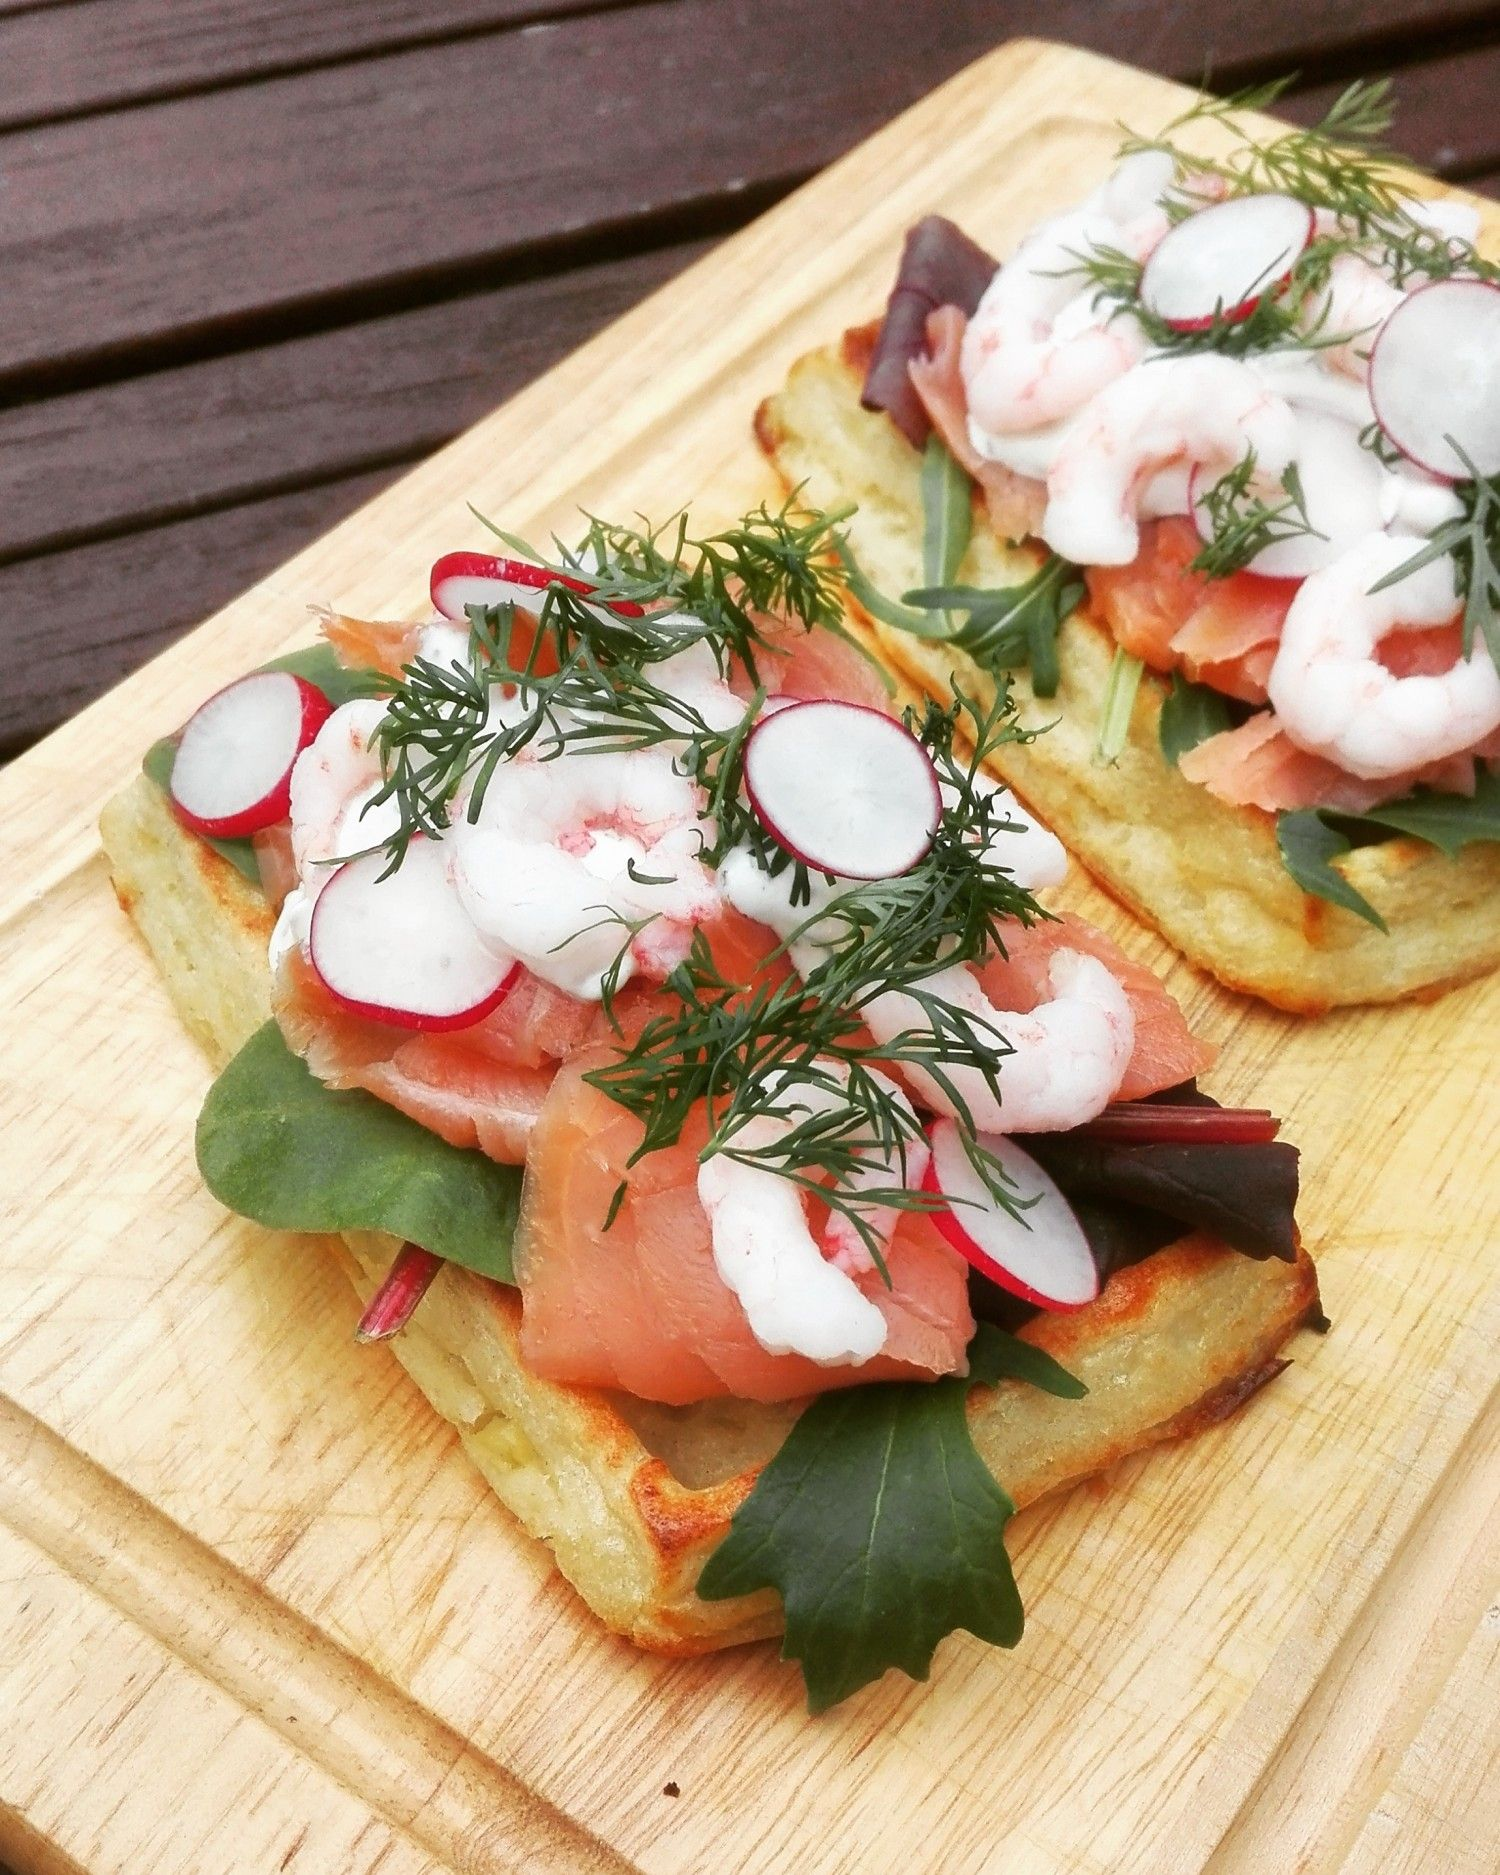 Kartoffelvafler Med Spaede Salatblade Roget Laks Urtedressing Rejer Dild Og Radiser Aftensmad Madopskrifter Mad Opskrifter Sund